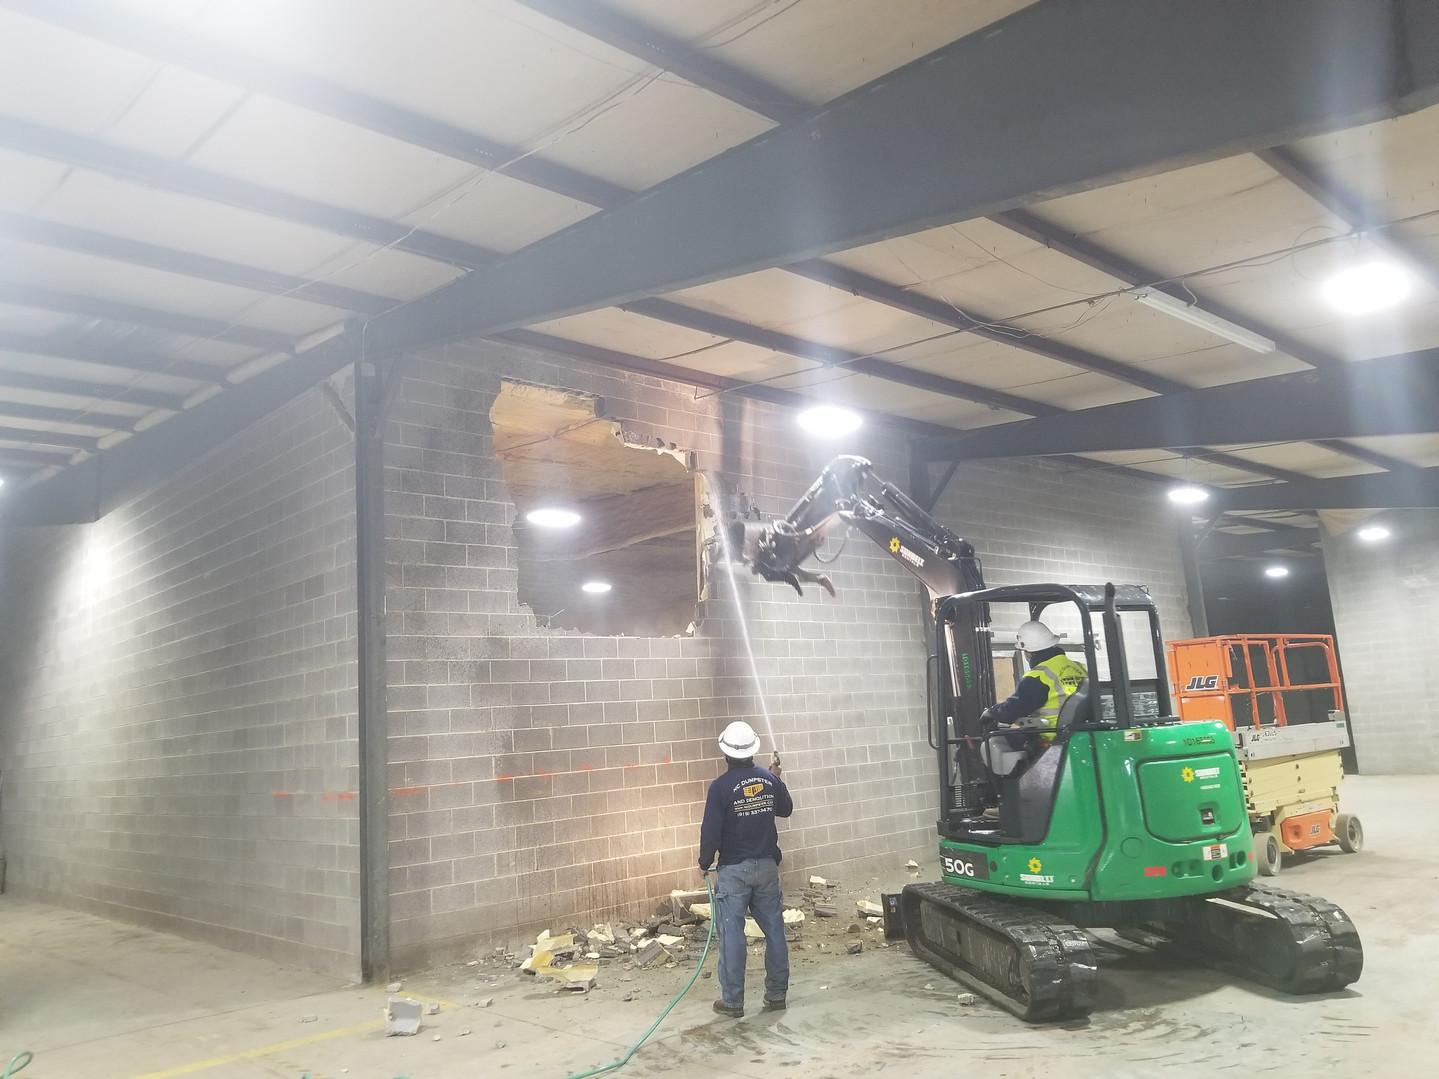 CMU Demolition in Upper Storage-1.8.2021